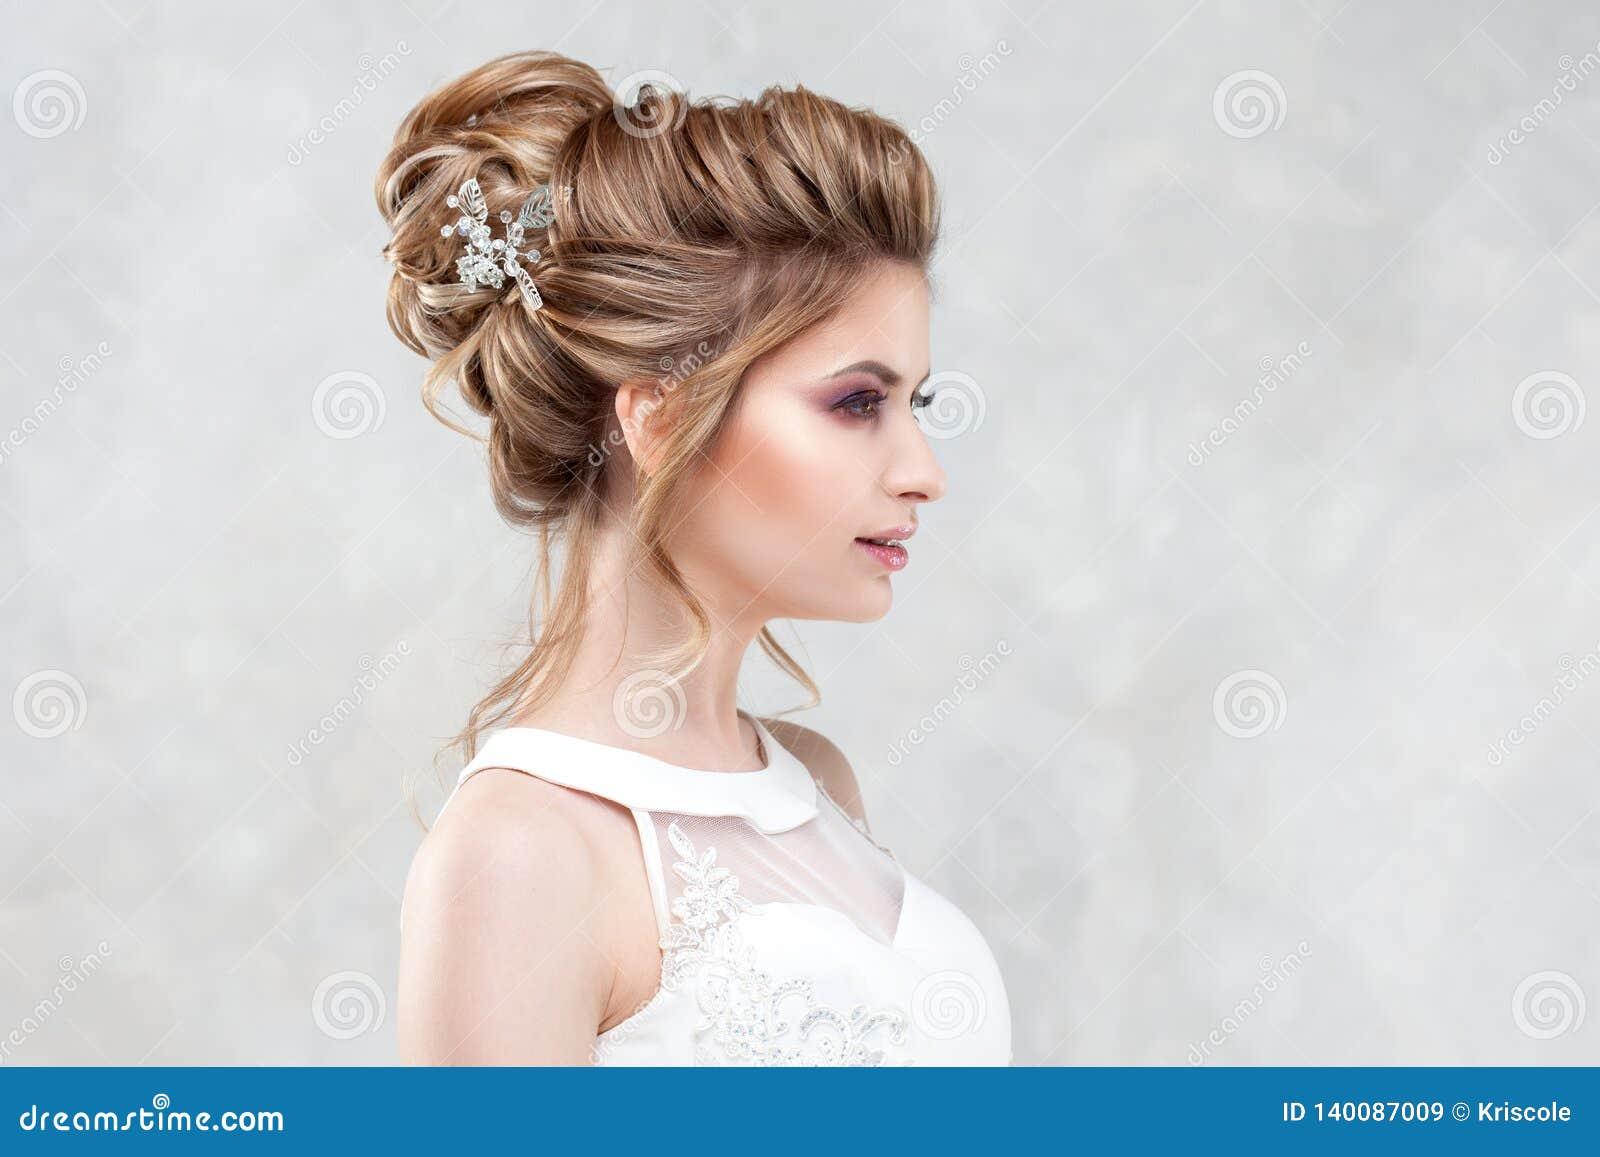 Стиль причесок, стиль и макияж свадьбы для торжества